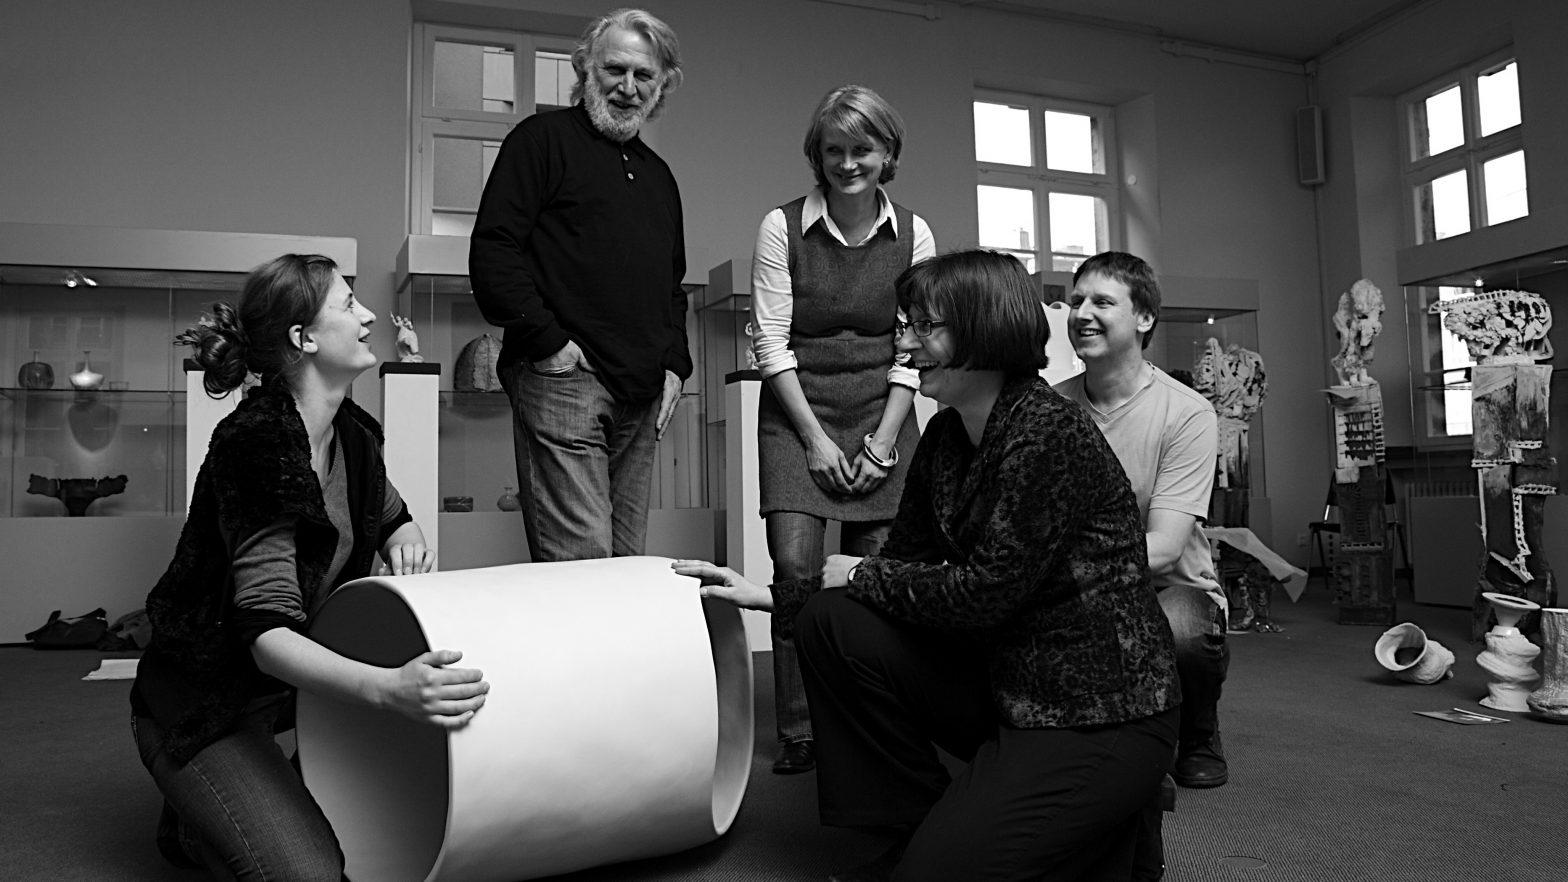 Die Jurymitglieder des Richard-Bampi-Preises 2010 im Hetjens-Museum Düsseldorf.